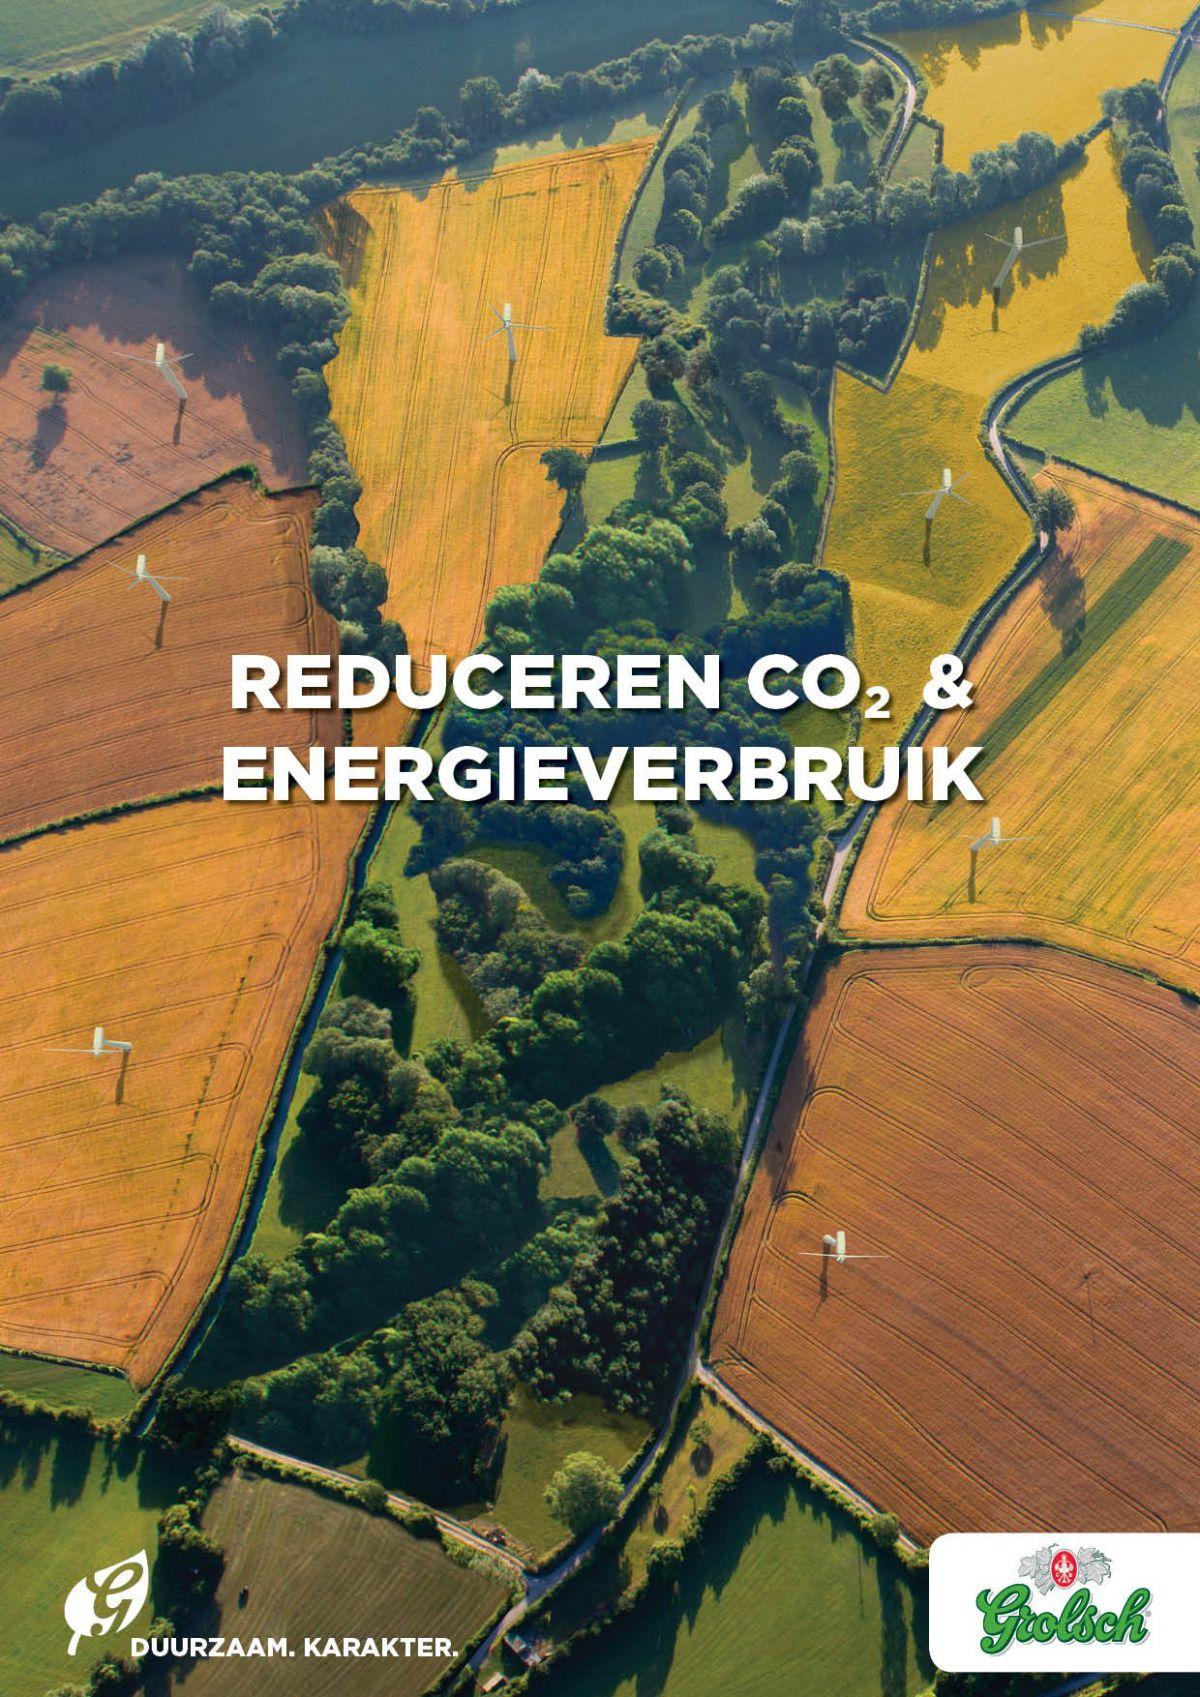 Bierbrouwer Grolsch halveert haar CO₂ emissies